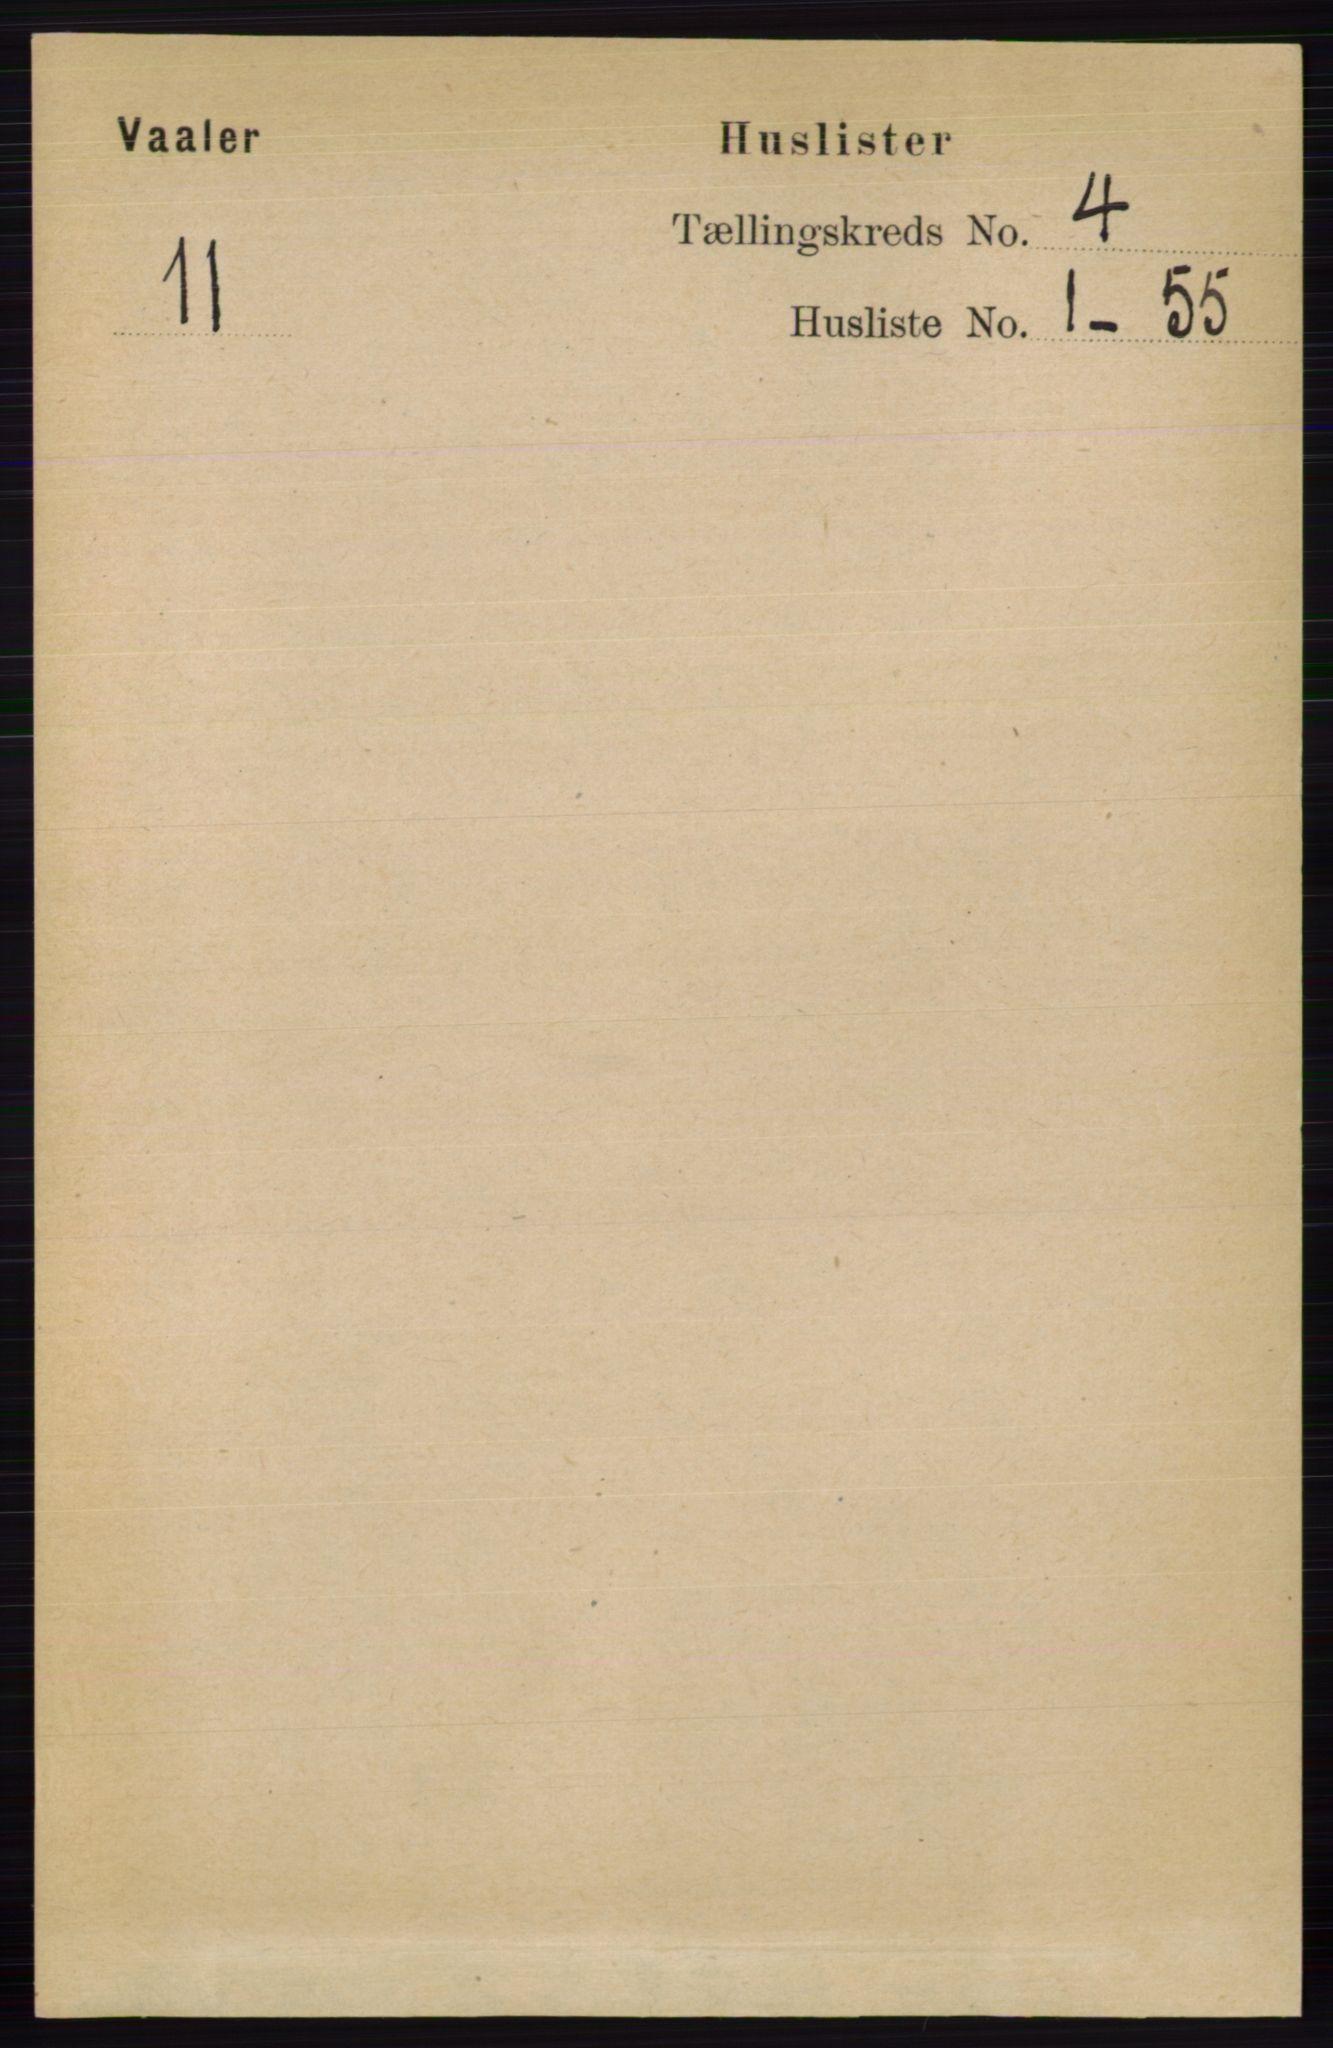 RA, Folketelling 1891 for 0426 Våler herred, 1891, s. 1405